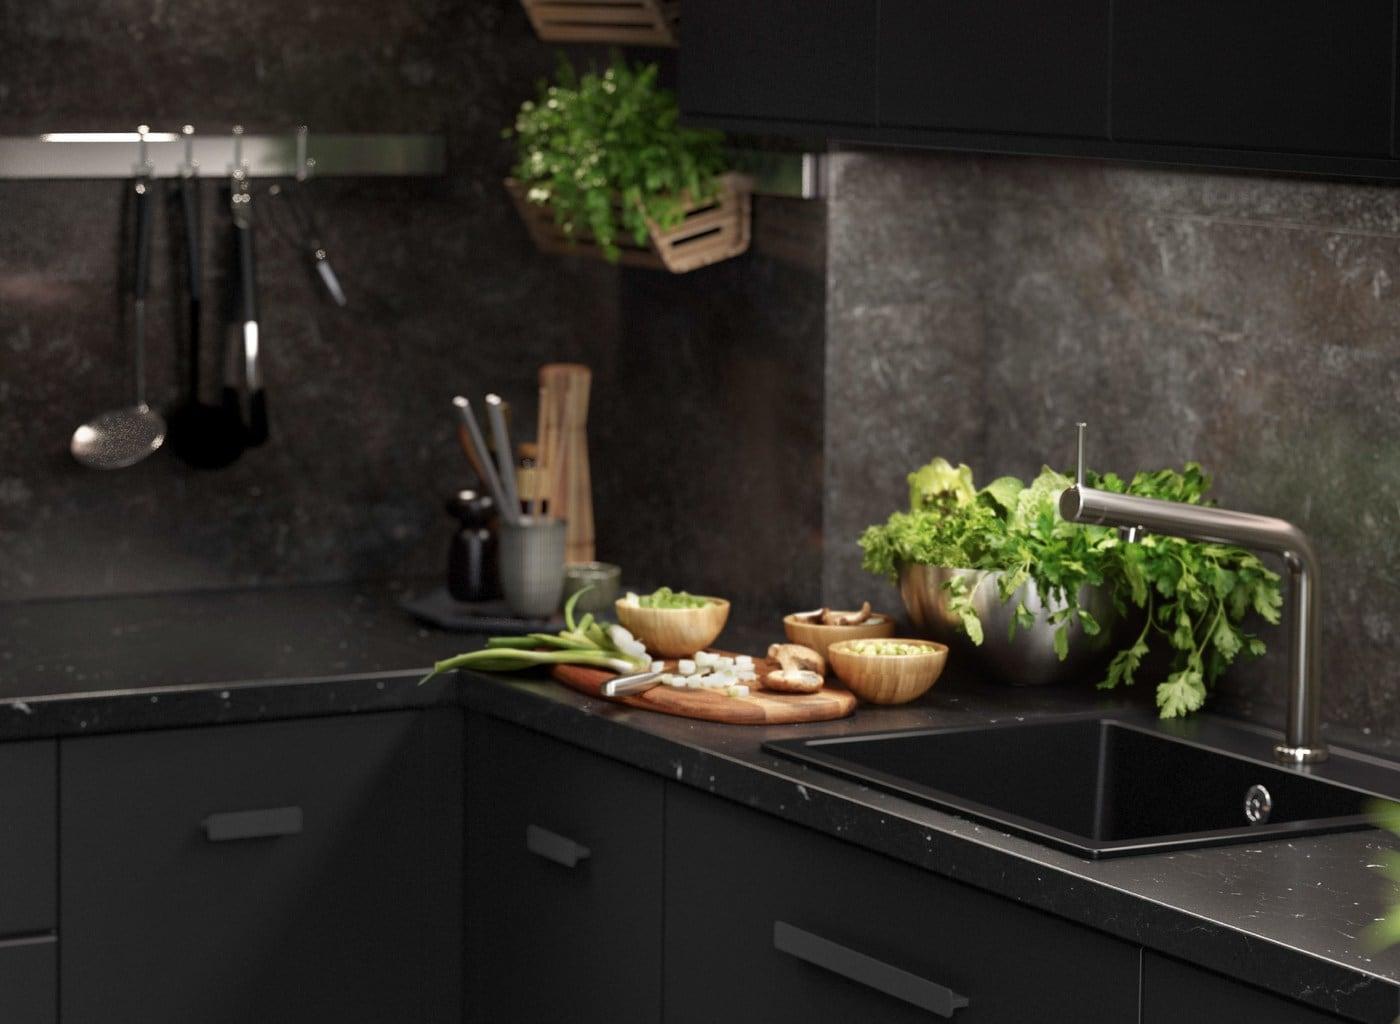 مطبخ KUNGSBACKA أسود مع رخام يحتوي على أدوات مطبخ وأعشاب طازجة.